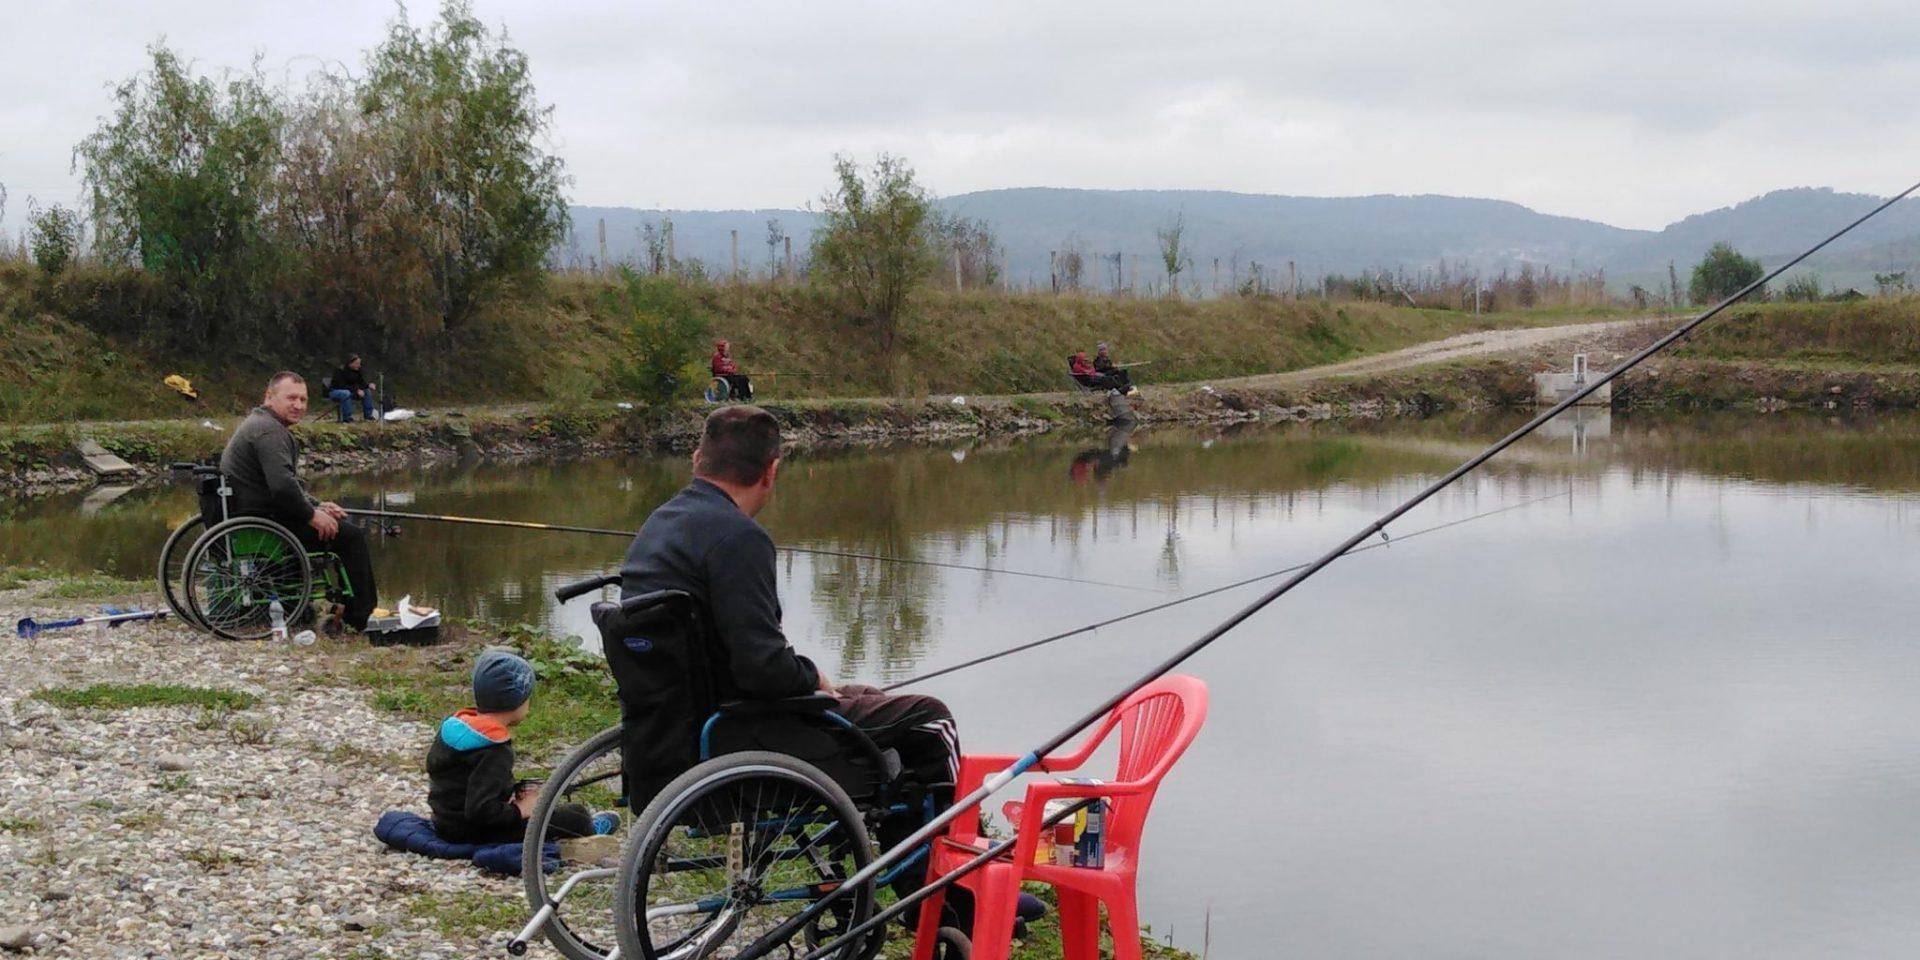 FOTO: Aproape 5 kilograme de pește a prins câștigătorul ediției a 8-a a Cupei handicap la pescuit